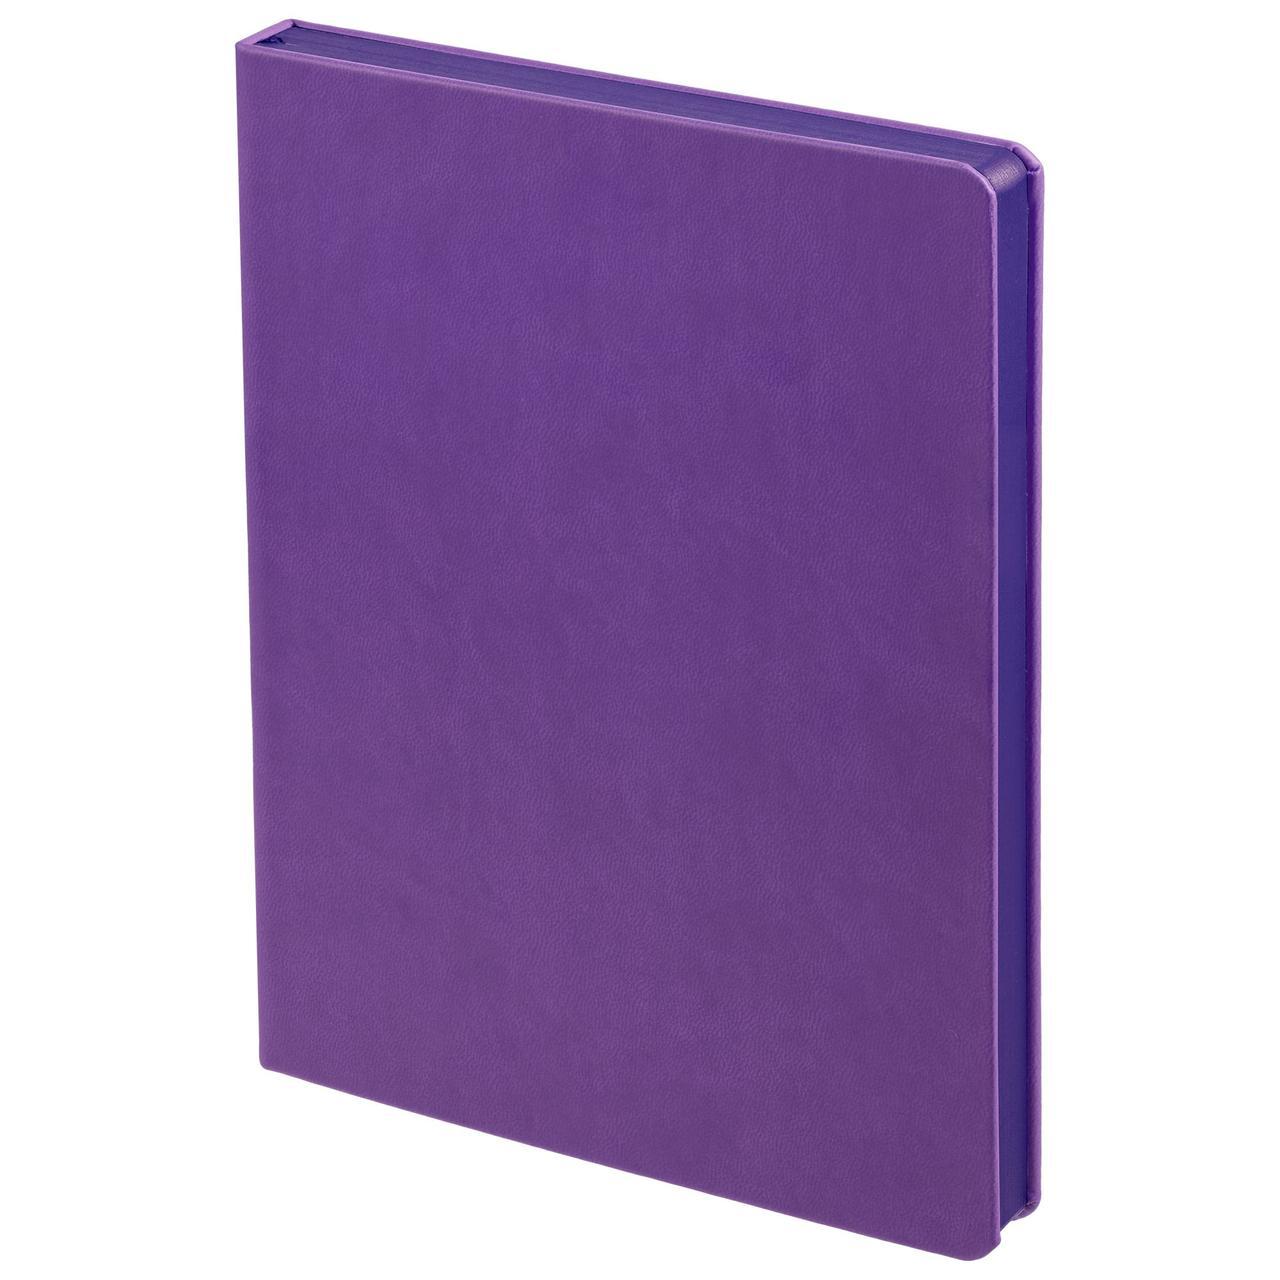 Ежедневник Brand Tone, недатированный, фиолетовый (артикул 17882.70)